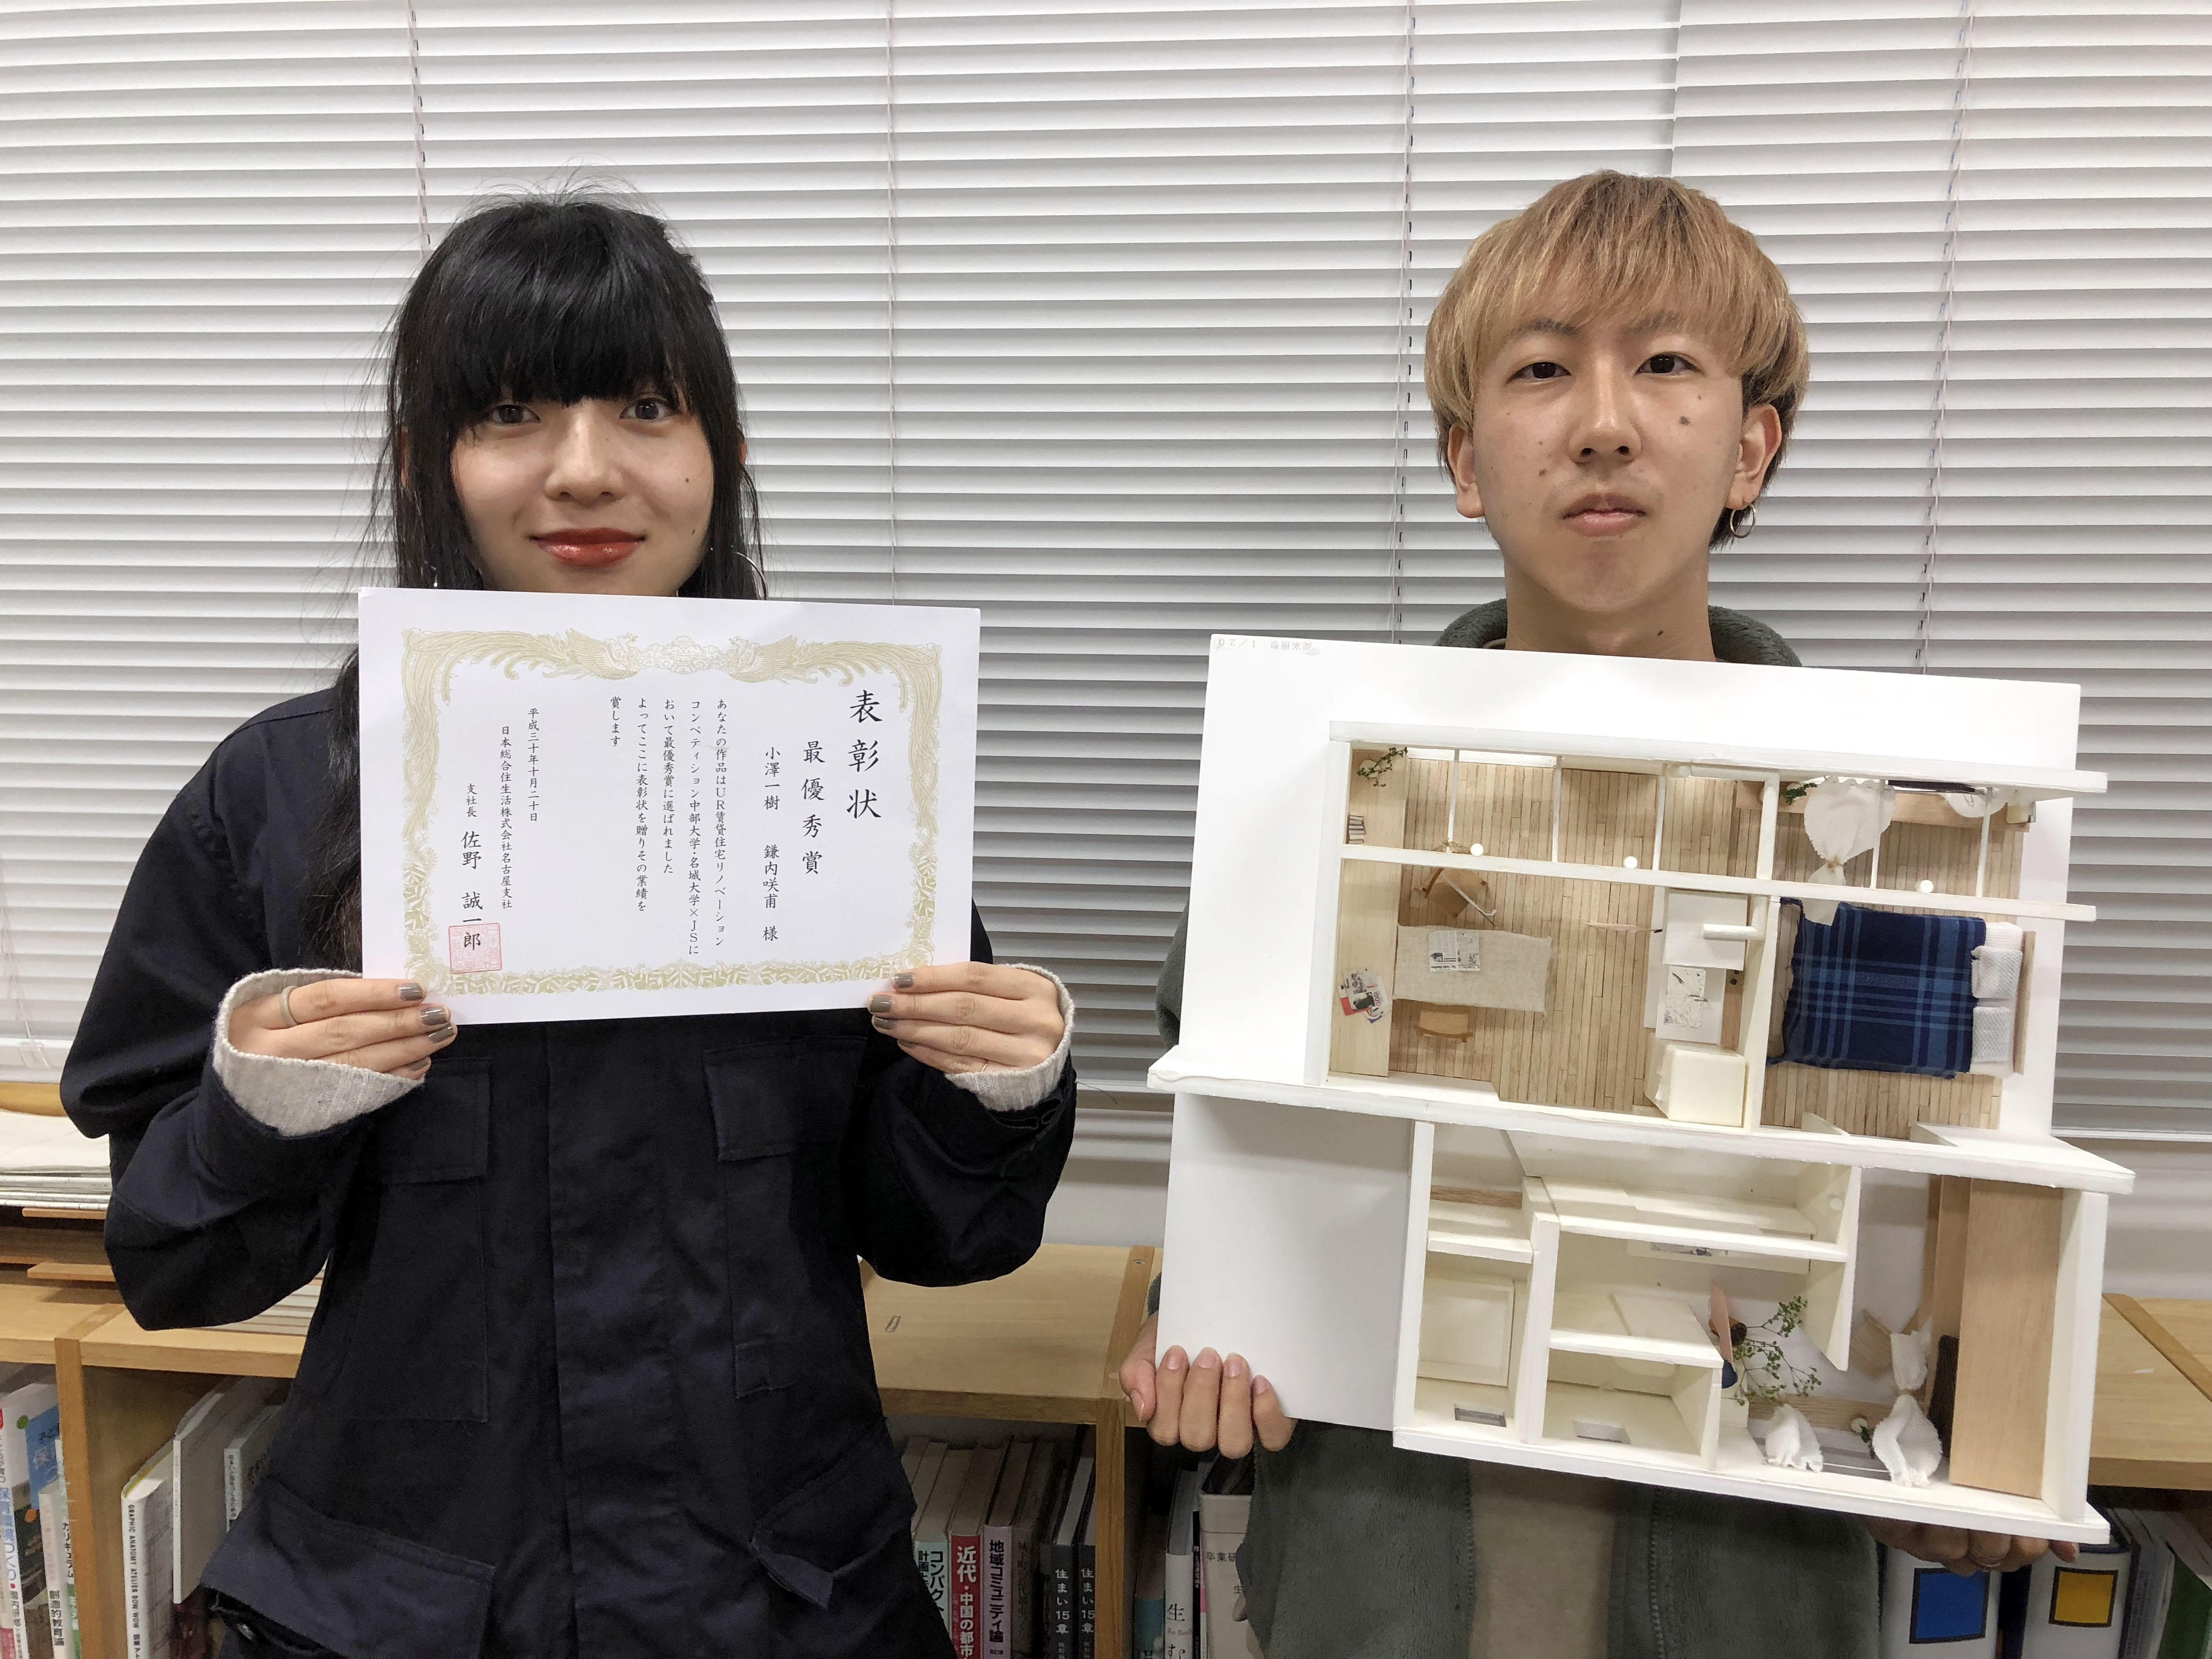 鎌内さん(左)と小澤さん